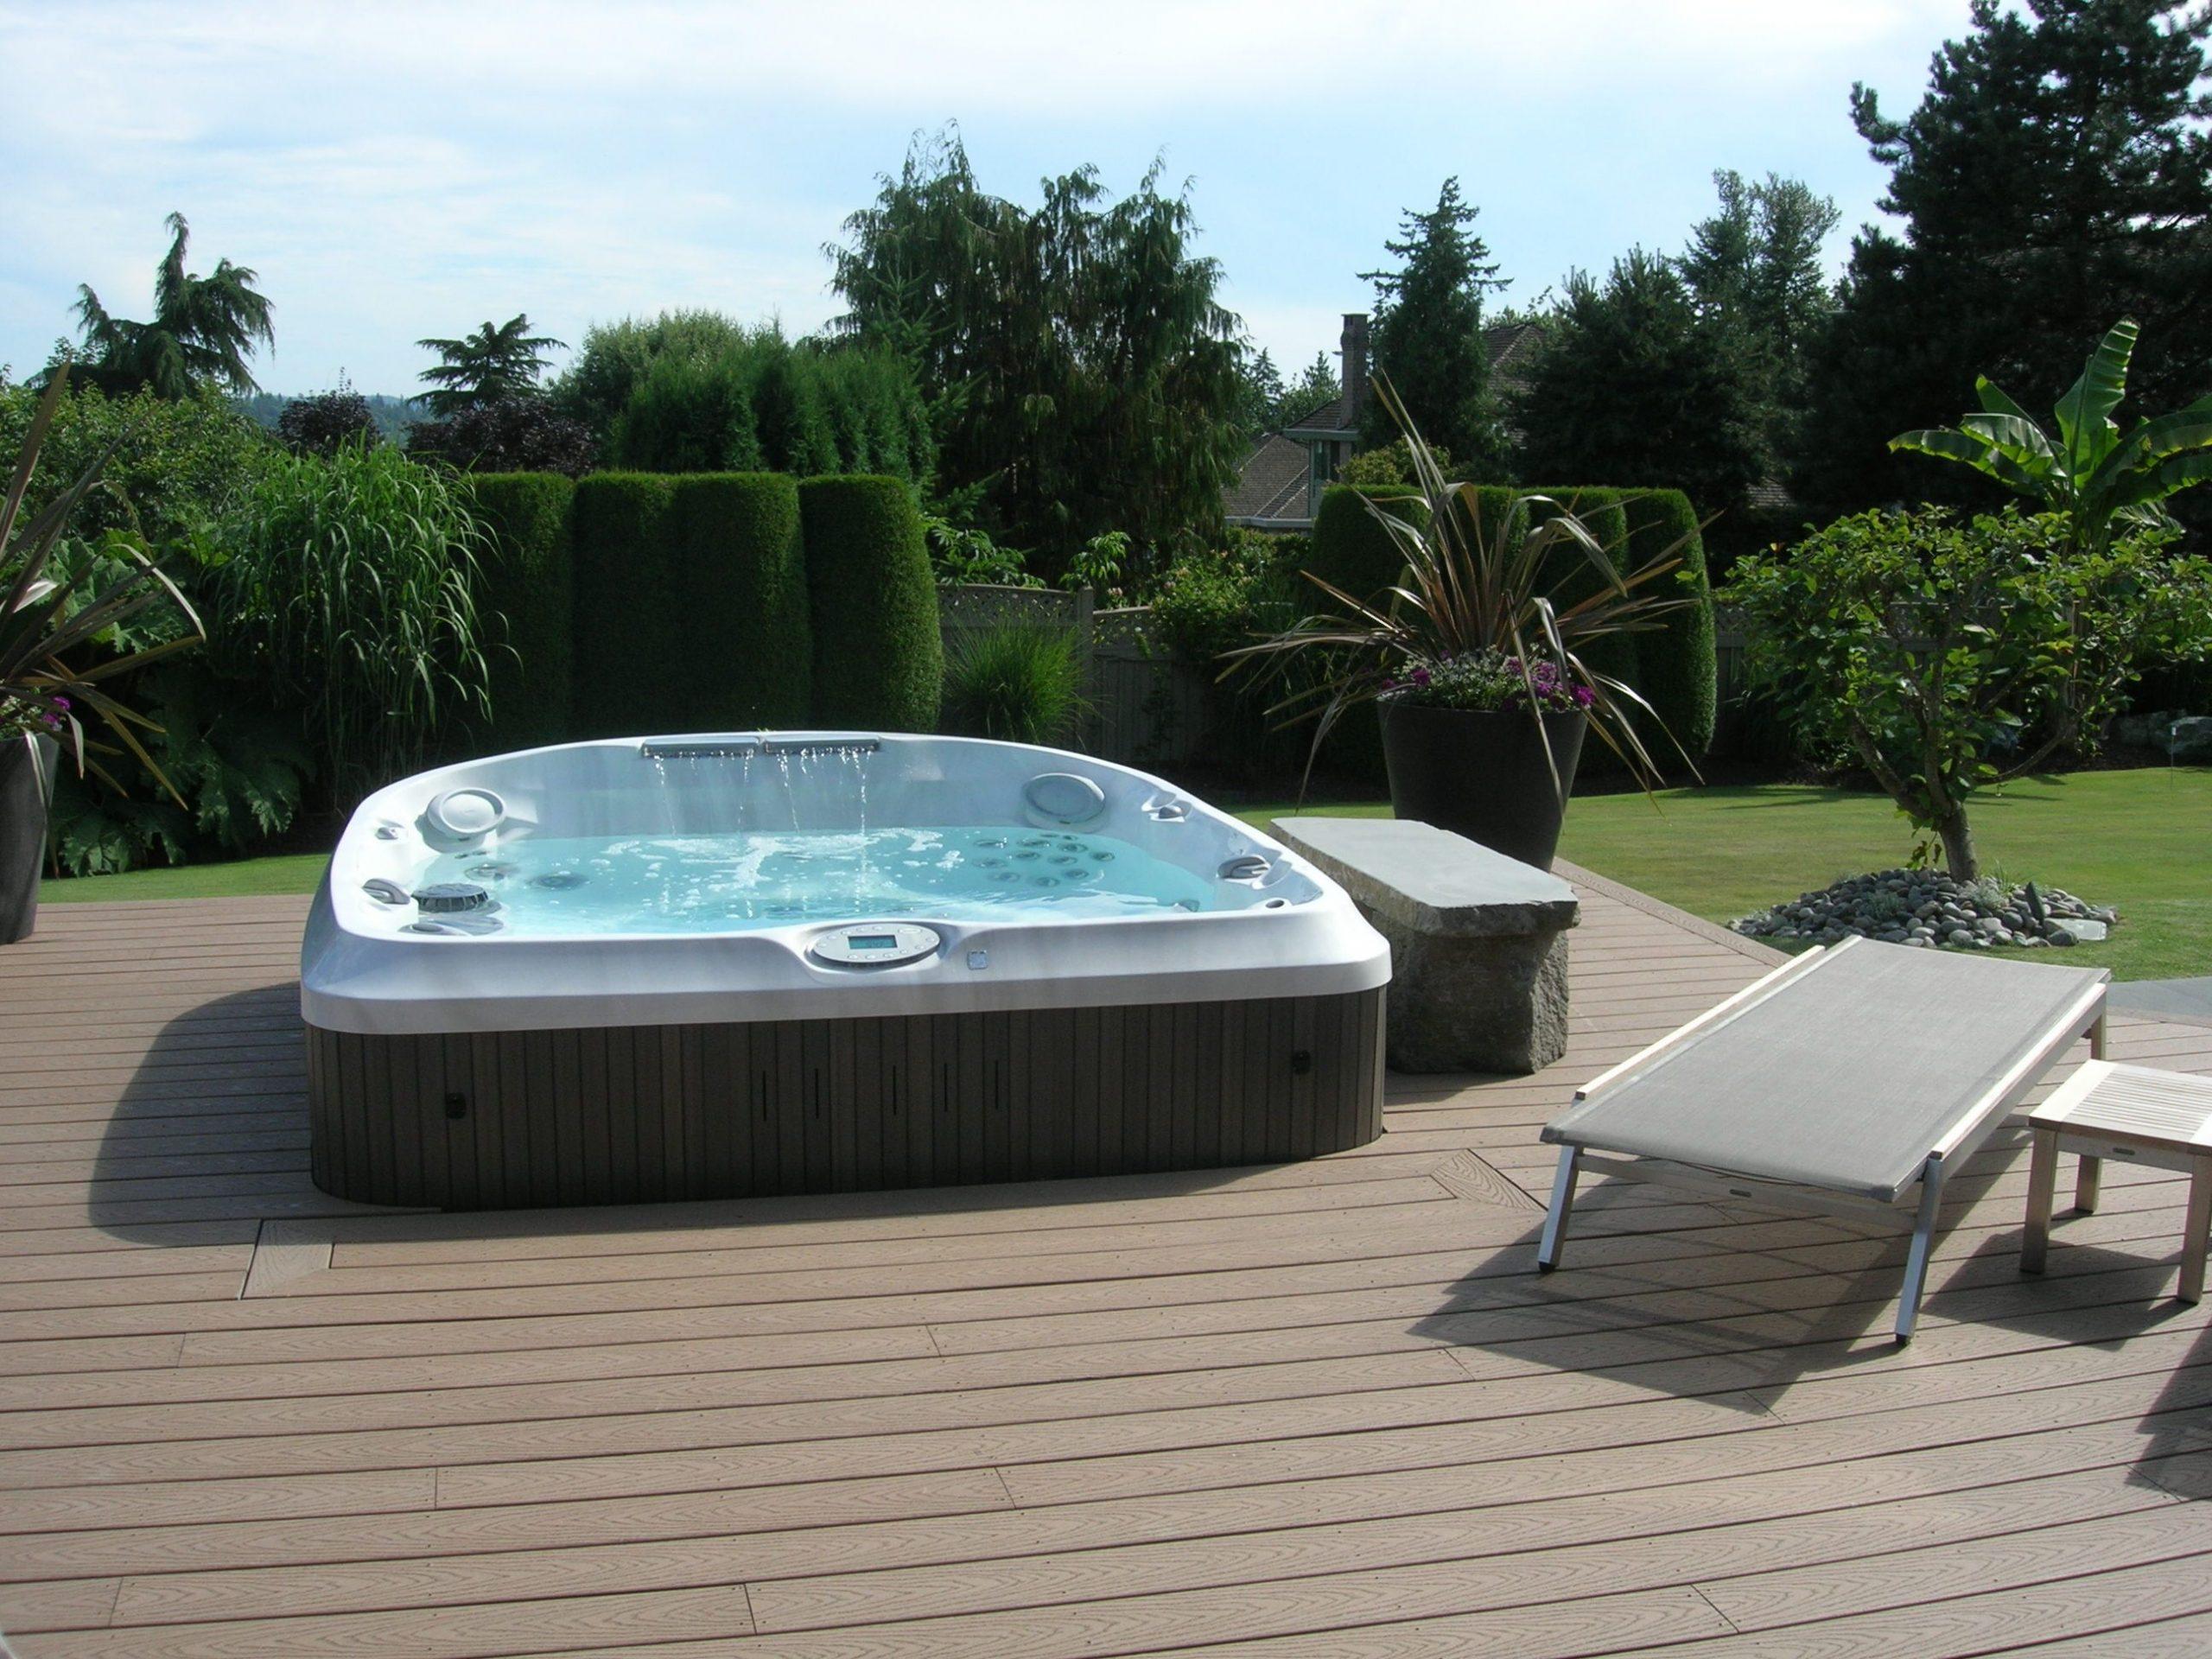 Un Spa Jacuzzi® Semi-Encastré Dans Une Terrasse En Bois #spa ... concernant Jacuzzi Pour Jardin